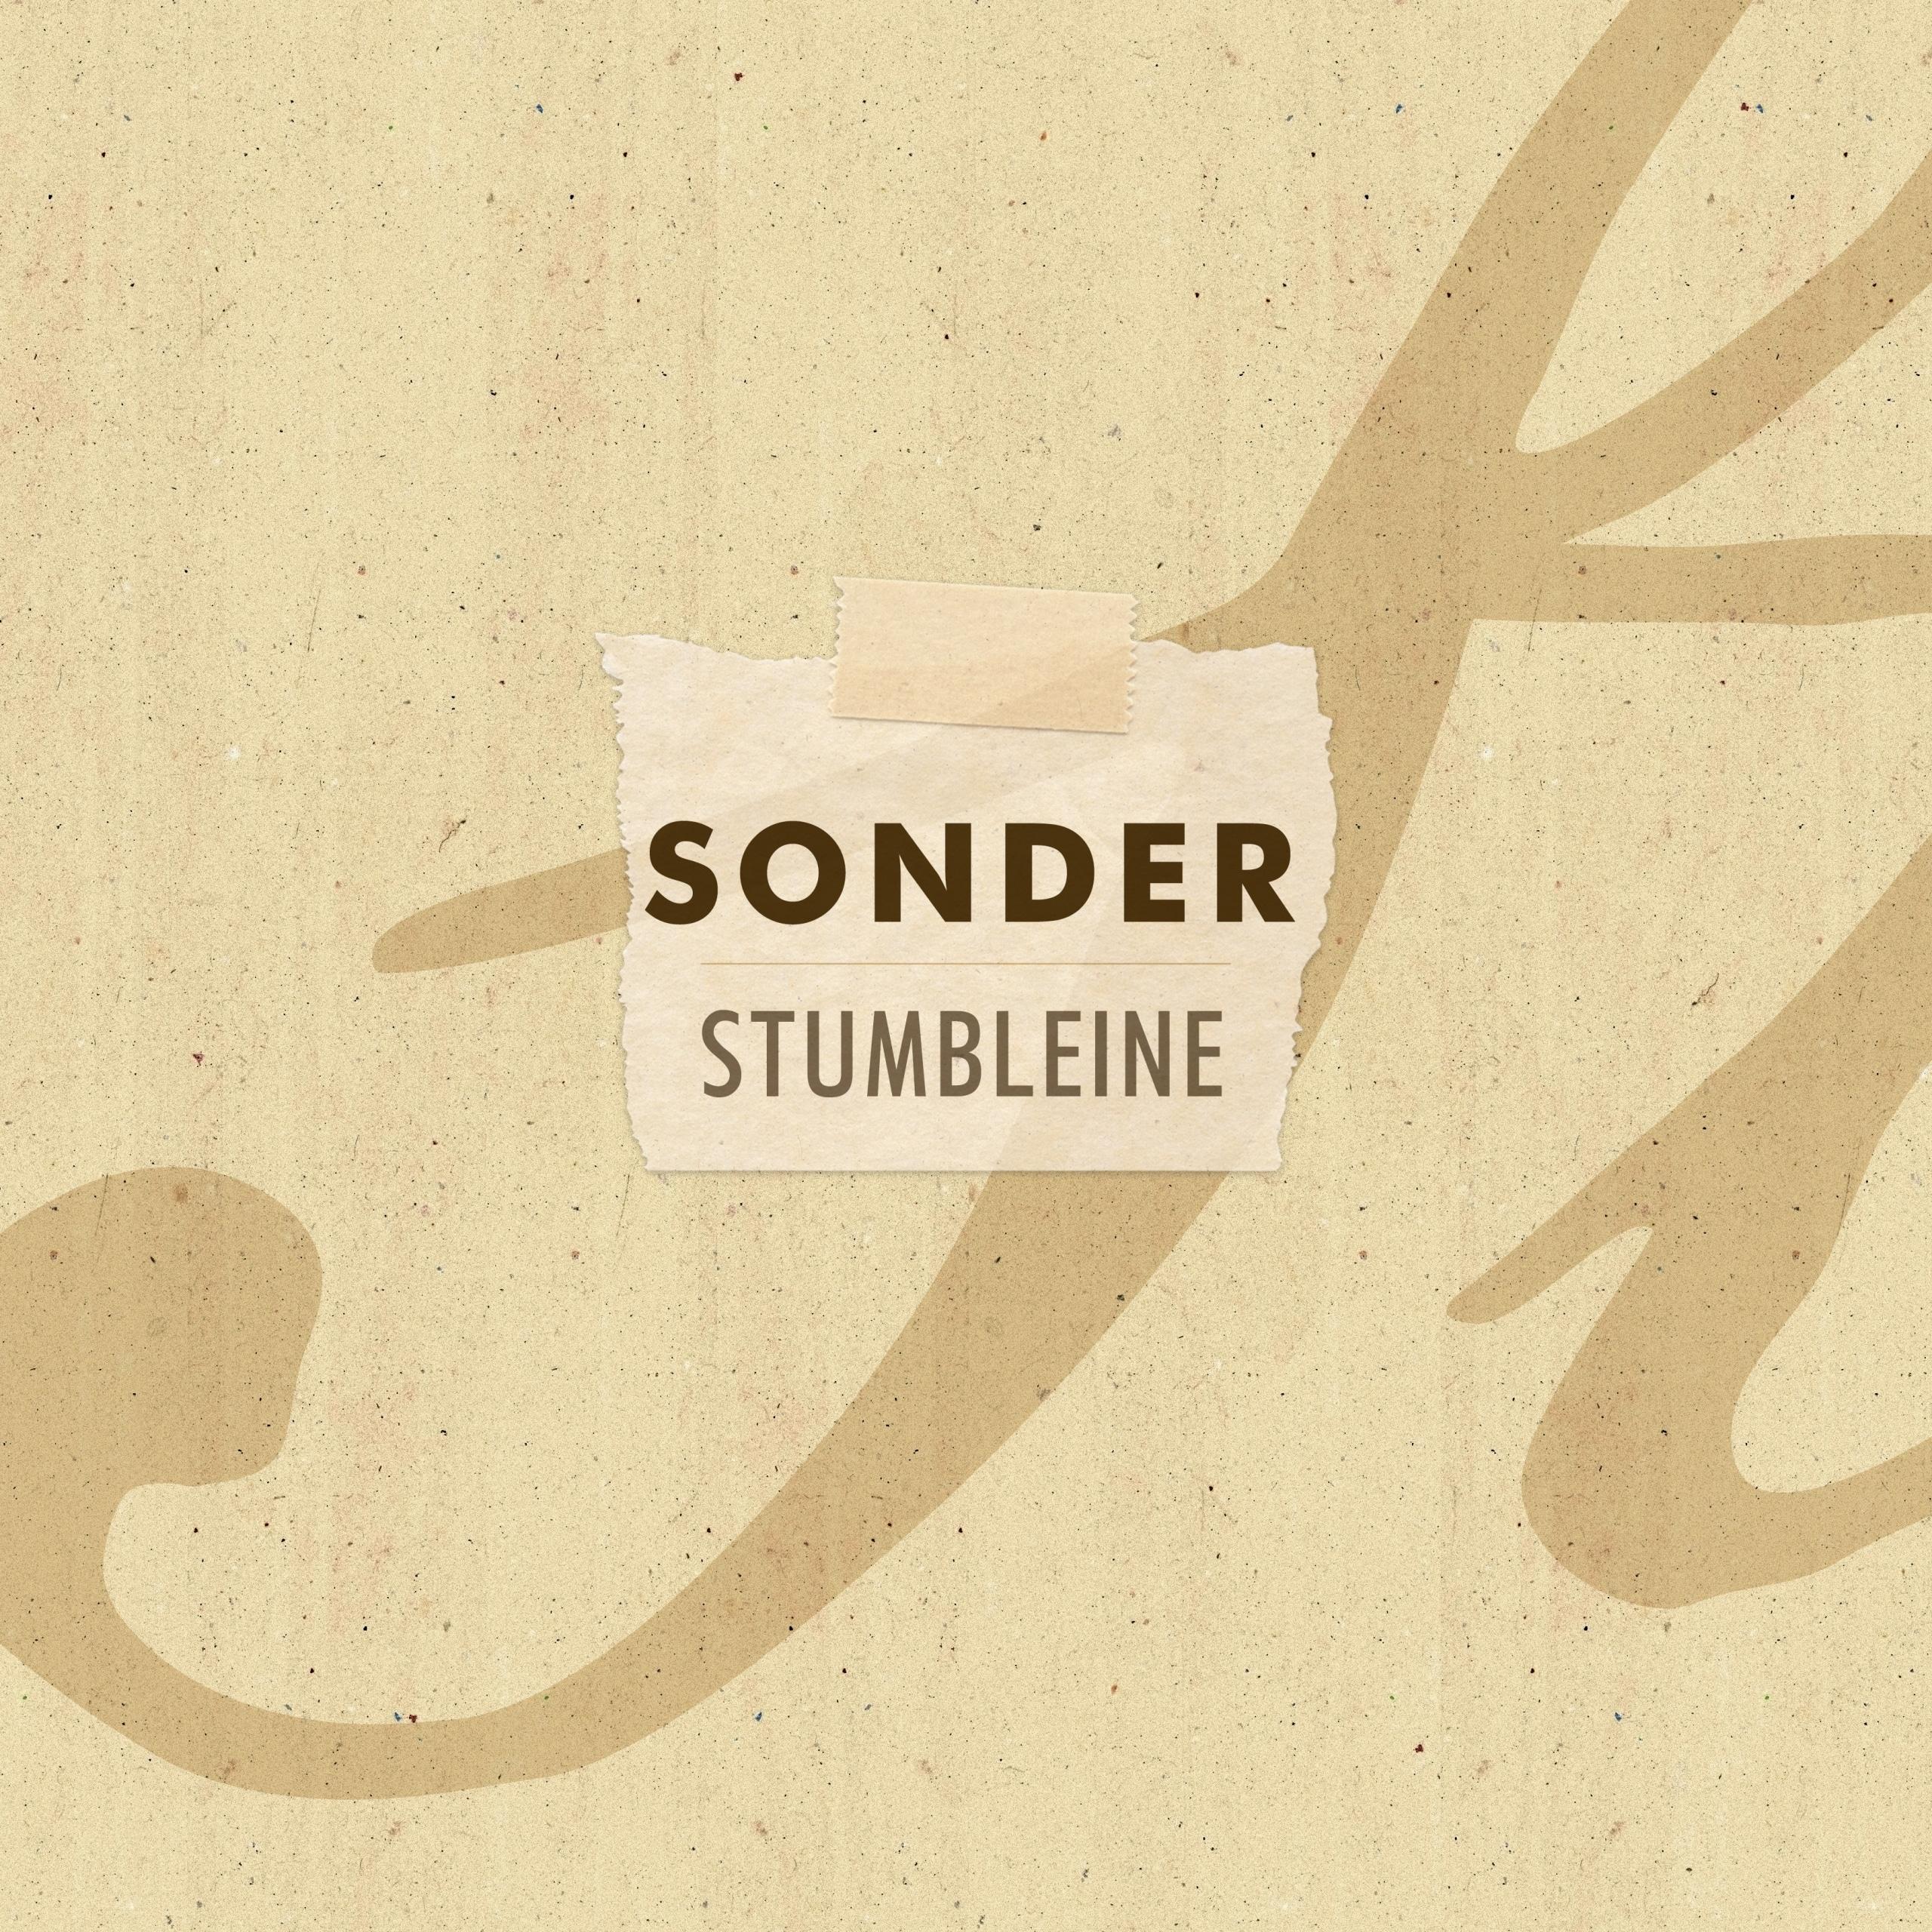 Sonder by Stumbleine